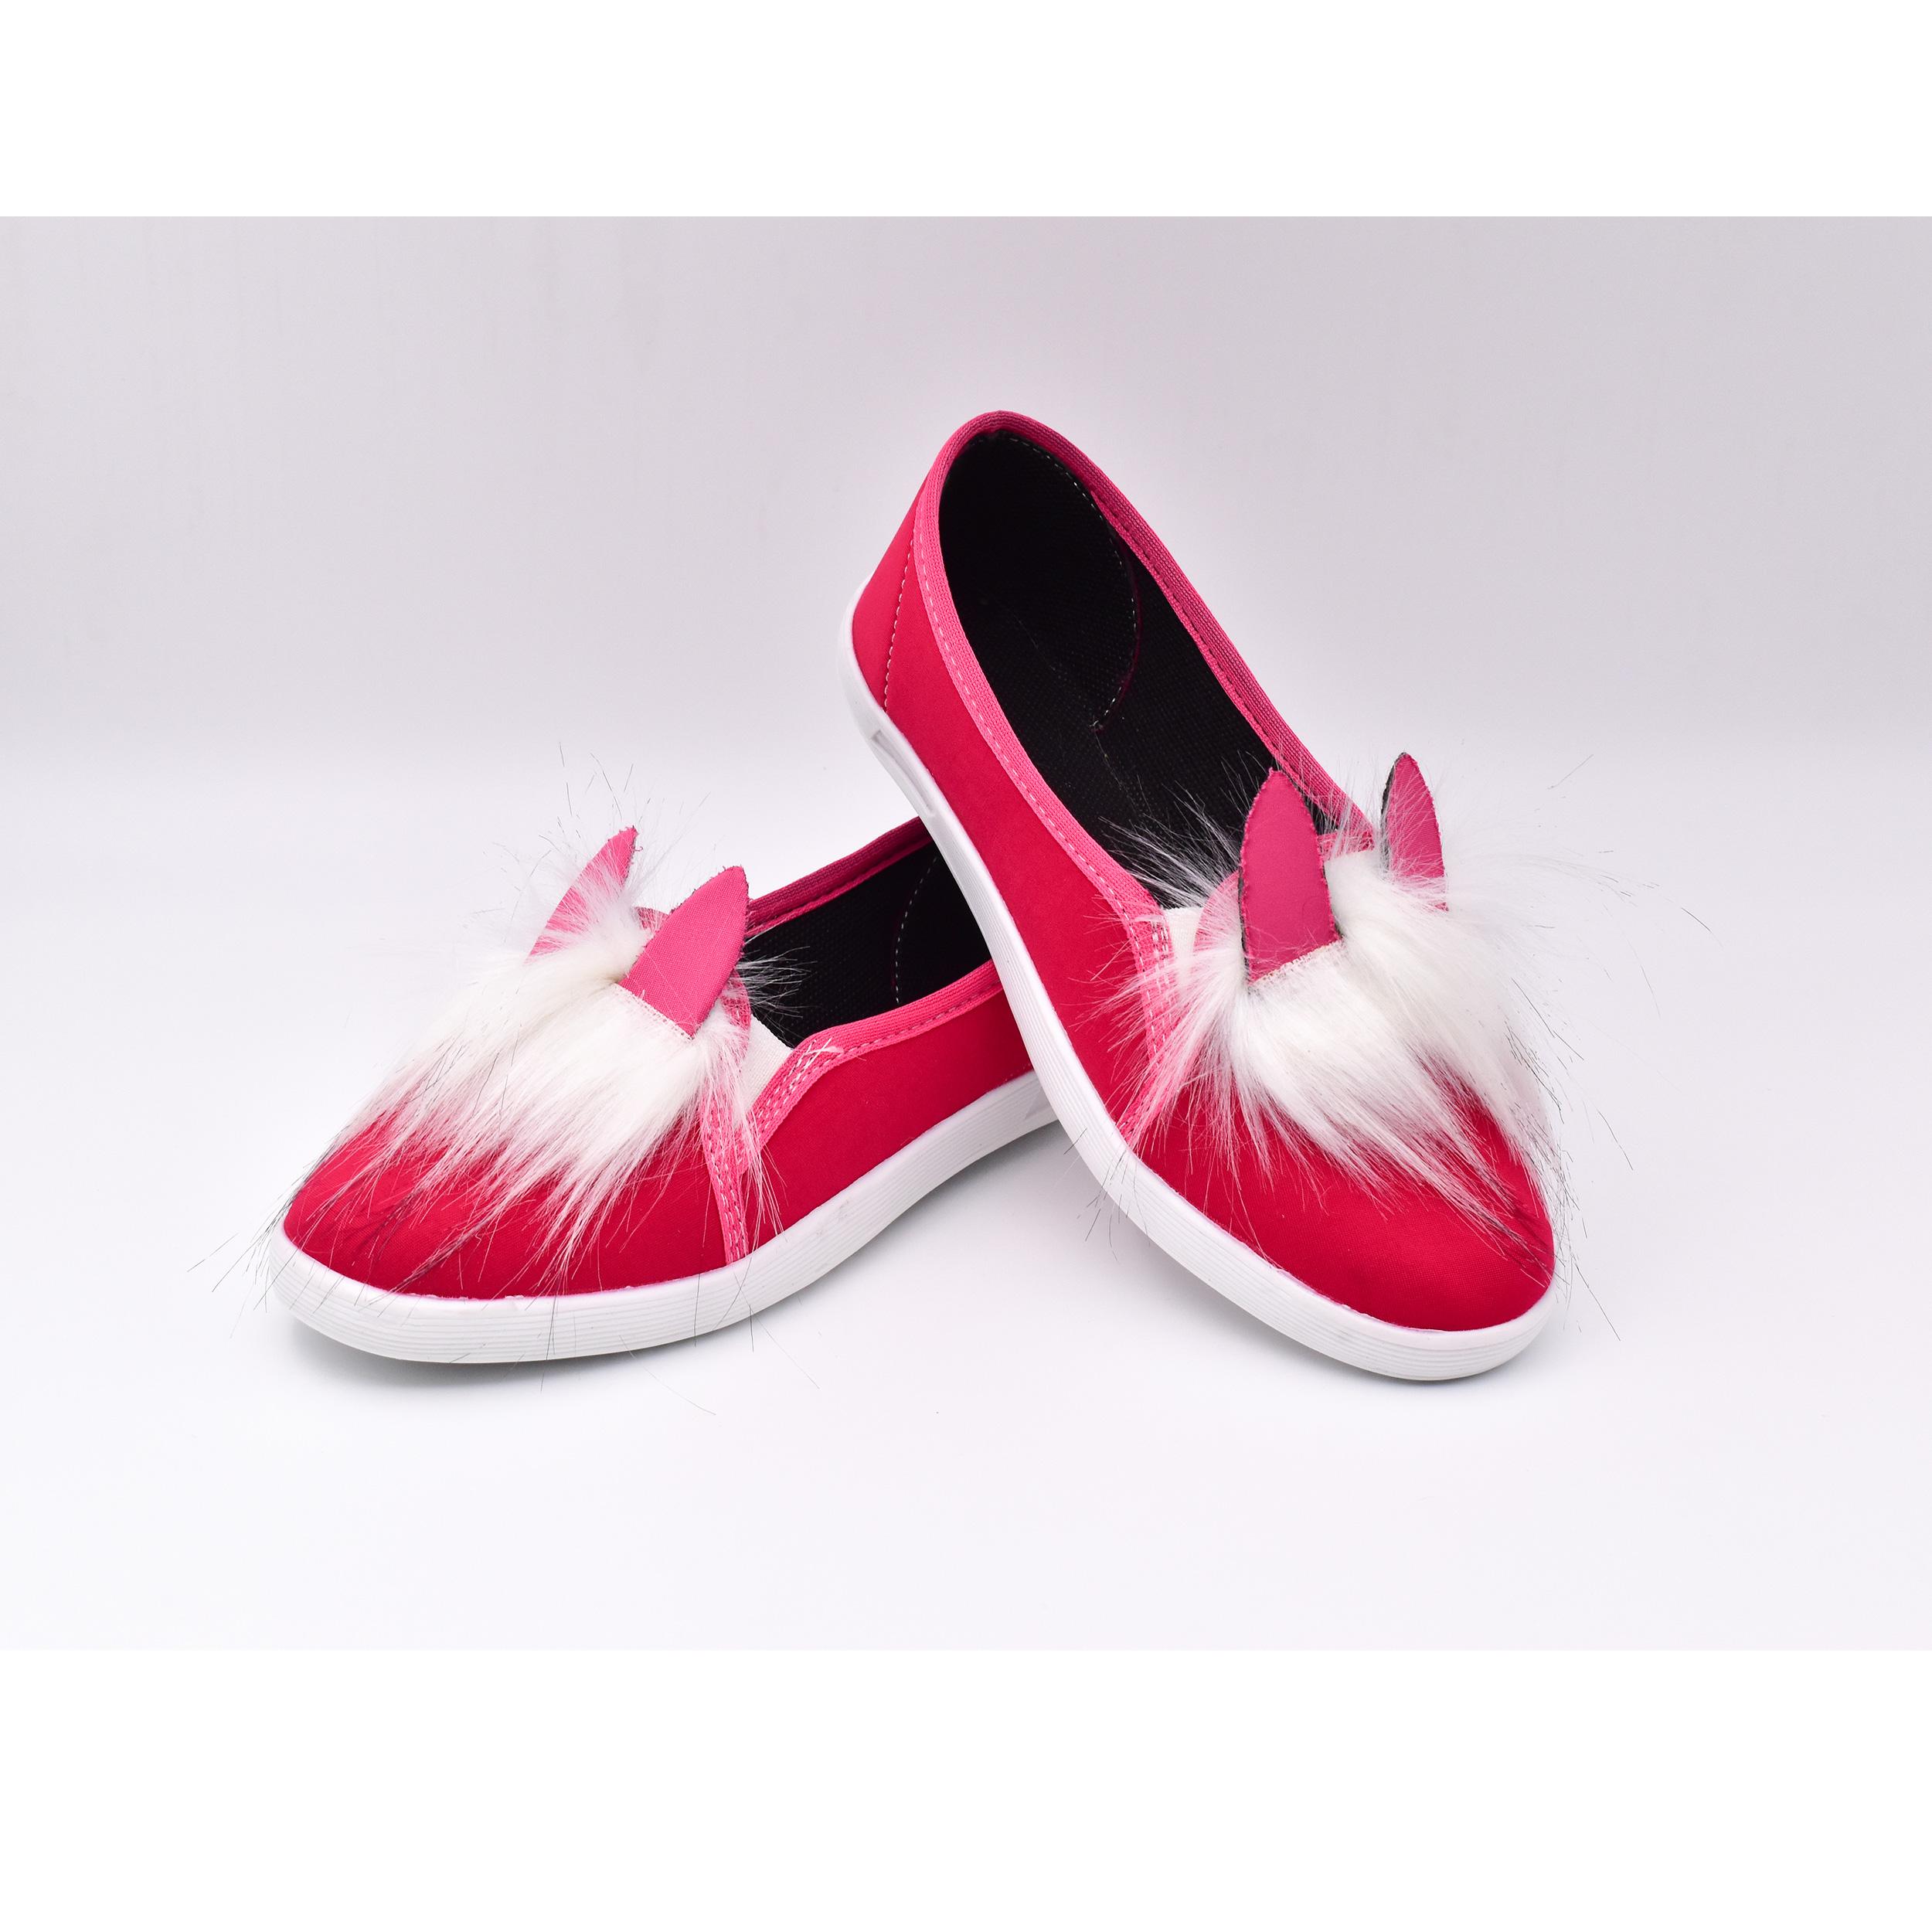 کفش دخترانه مدل فانو کد 6943 -  - 3